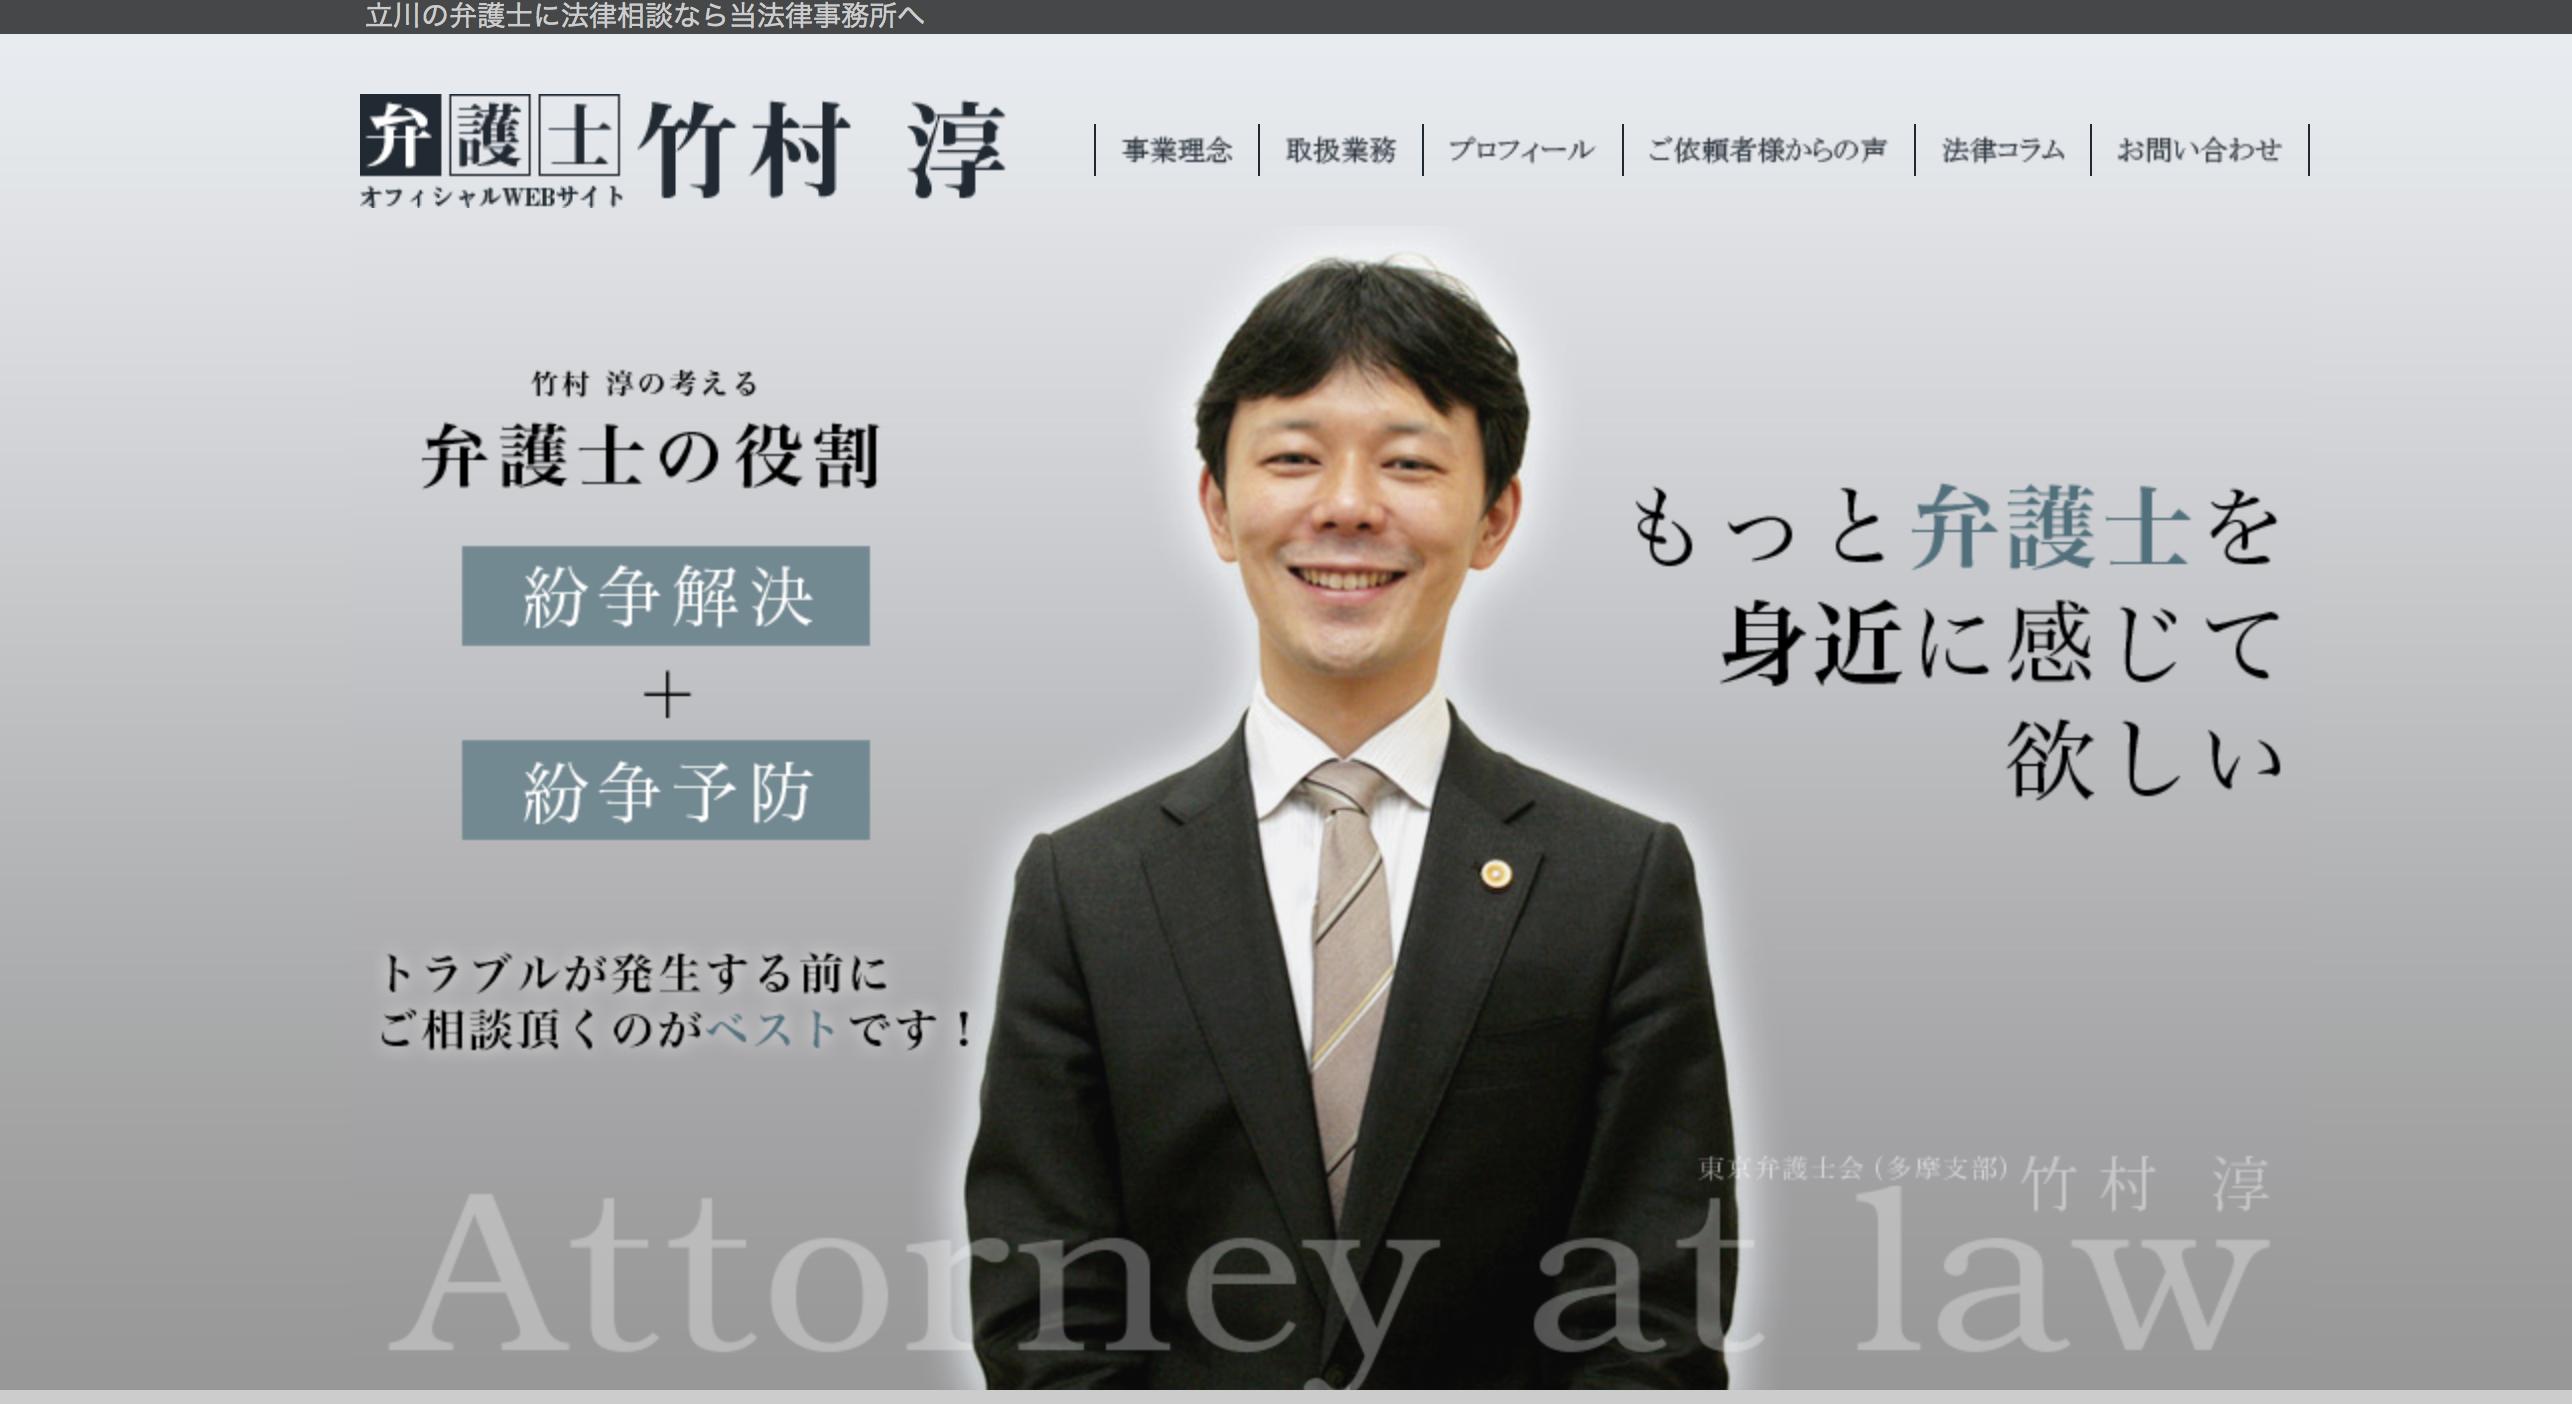 立川弁護士・竹村淳